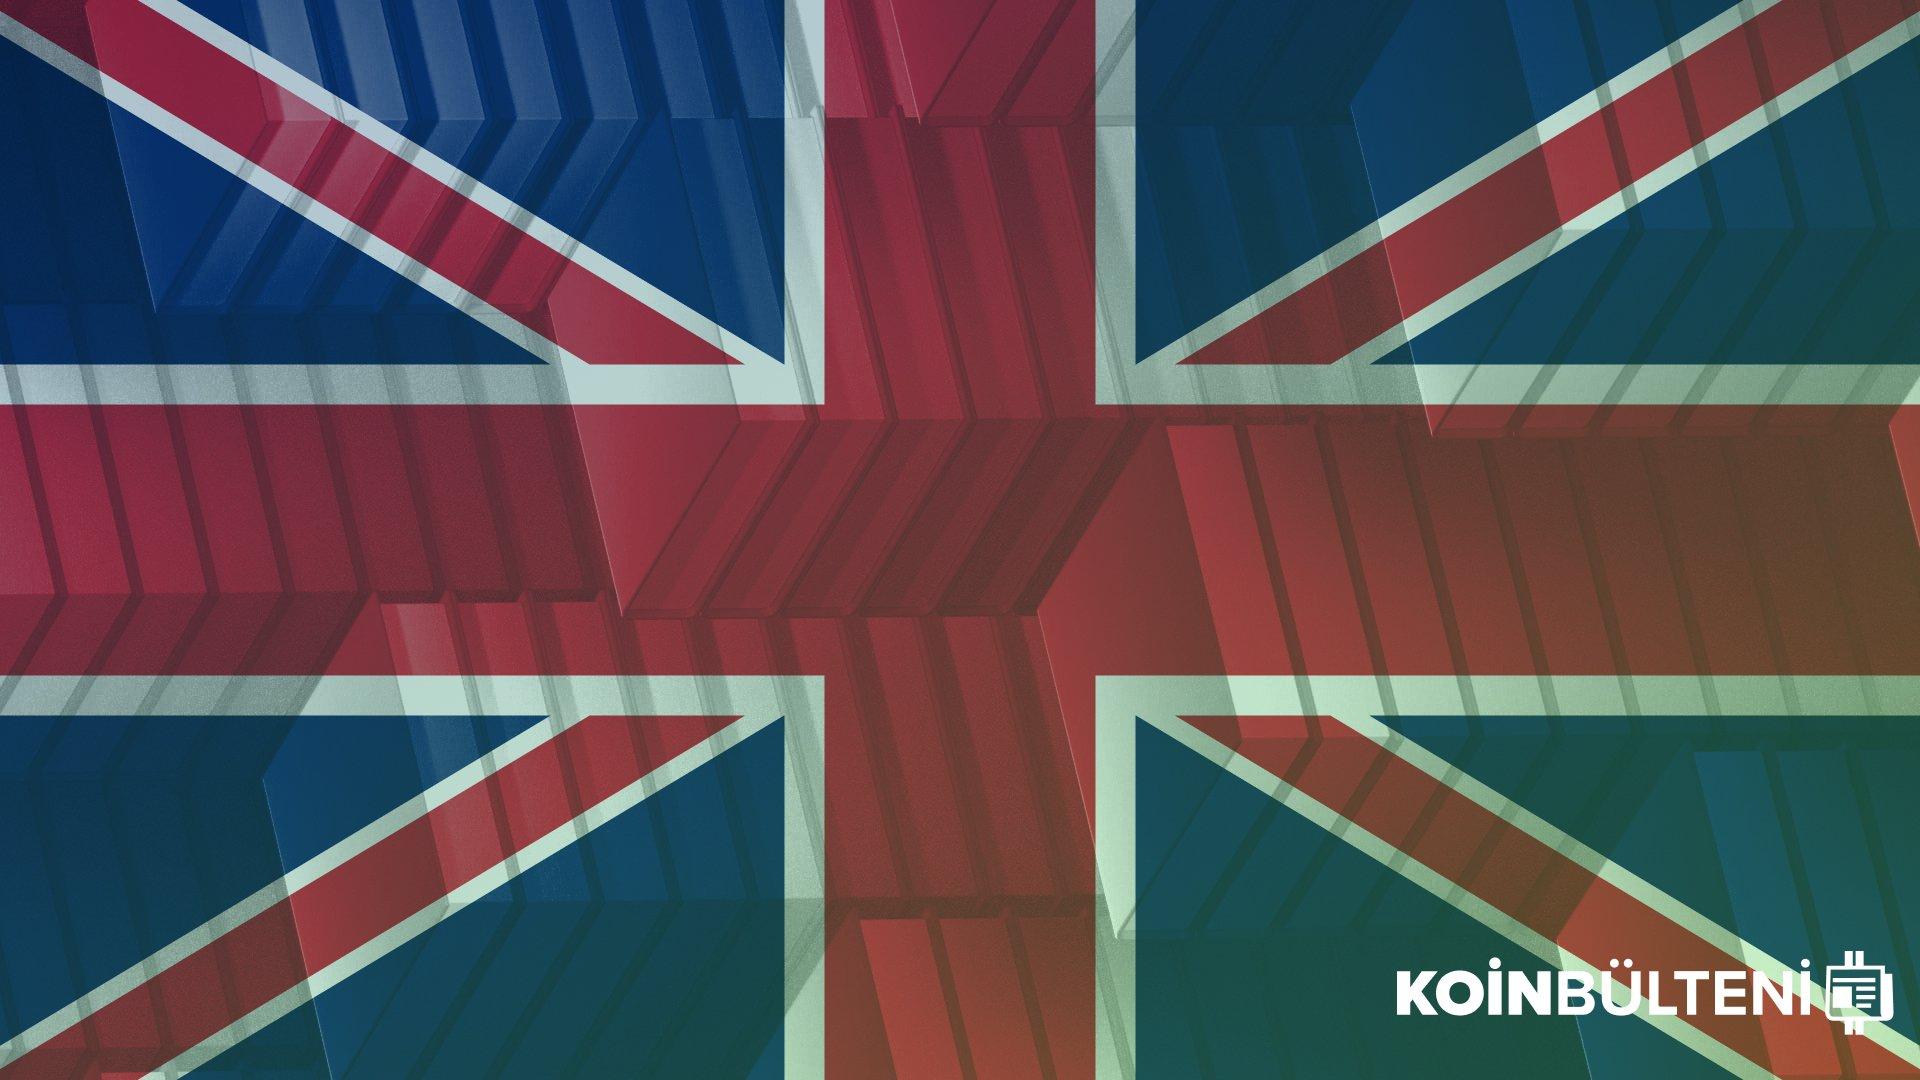 Birleşik Krallık/FCA, Yatırım Risklerine Karşı Uyarmak İçin 11 Milyon Sterlinlik Kampanya Başlattı